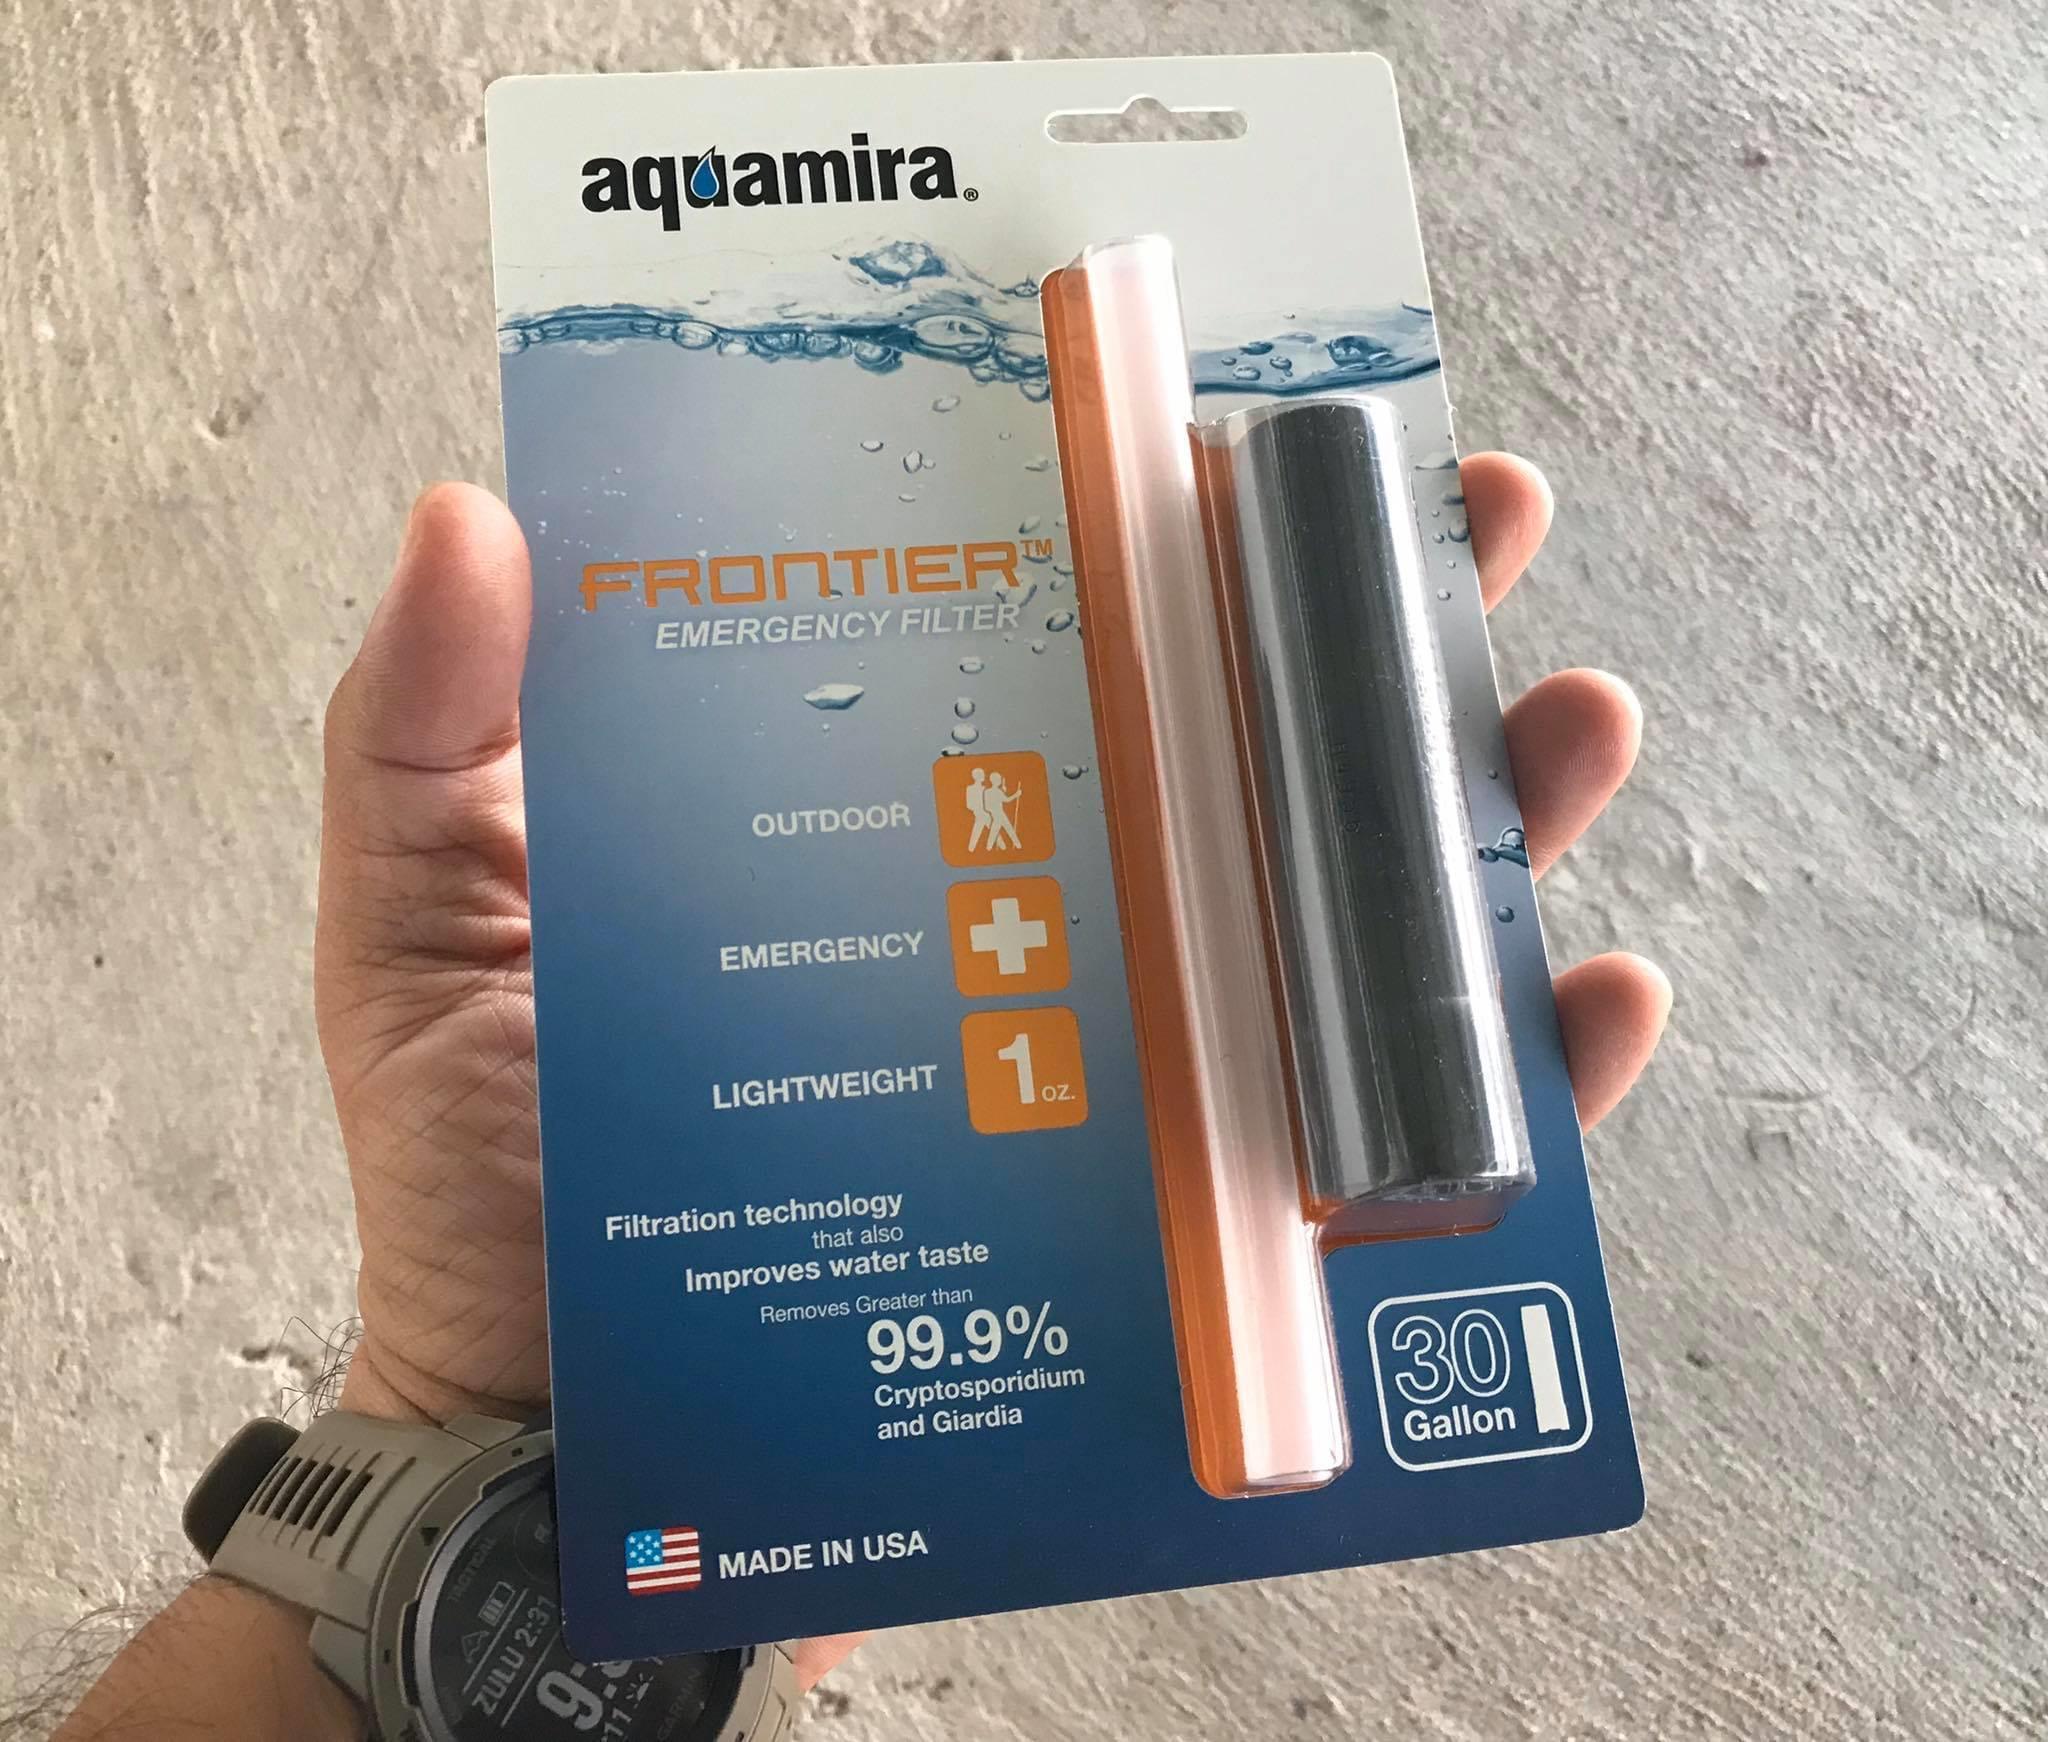 เครื่องกรองฉุกเฉิน Aquamira รุ่น frontier emergency filter